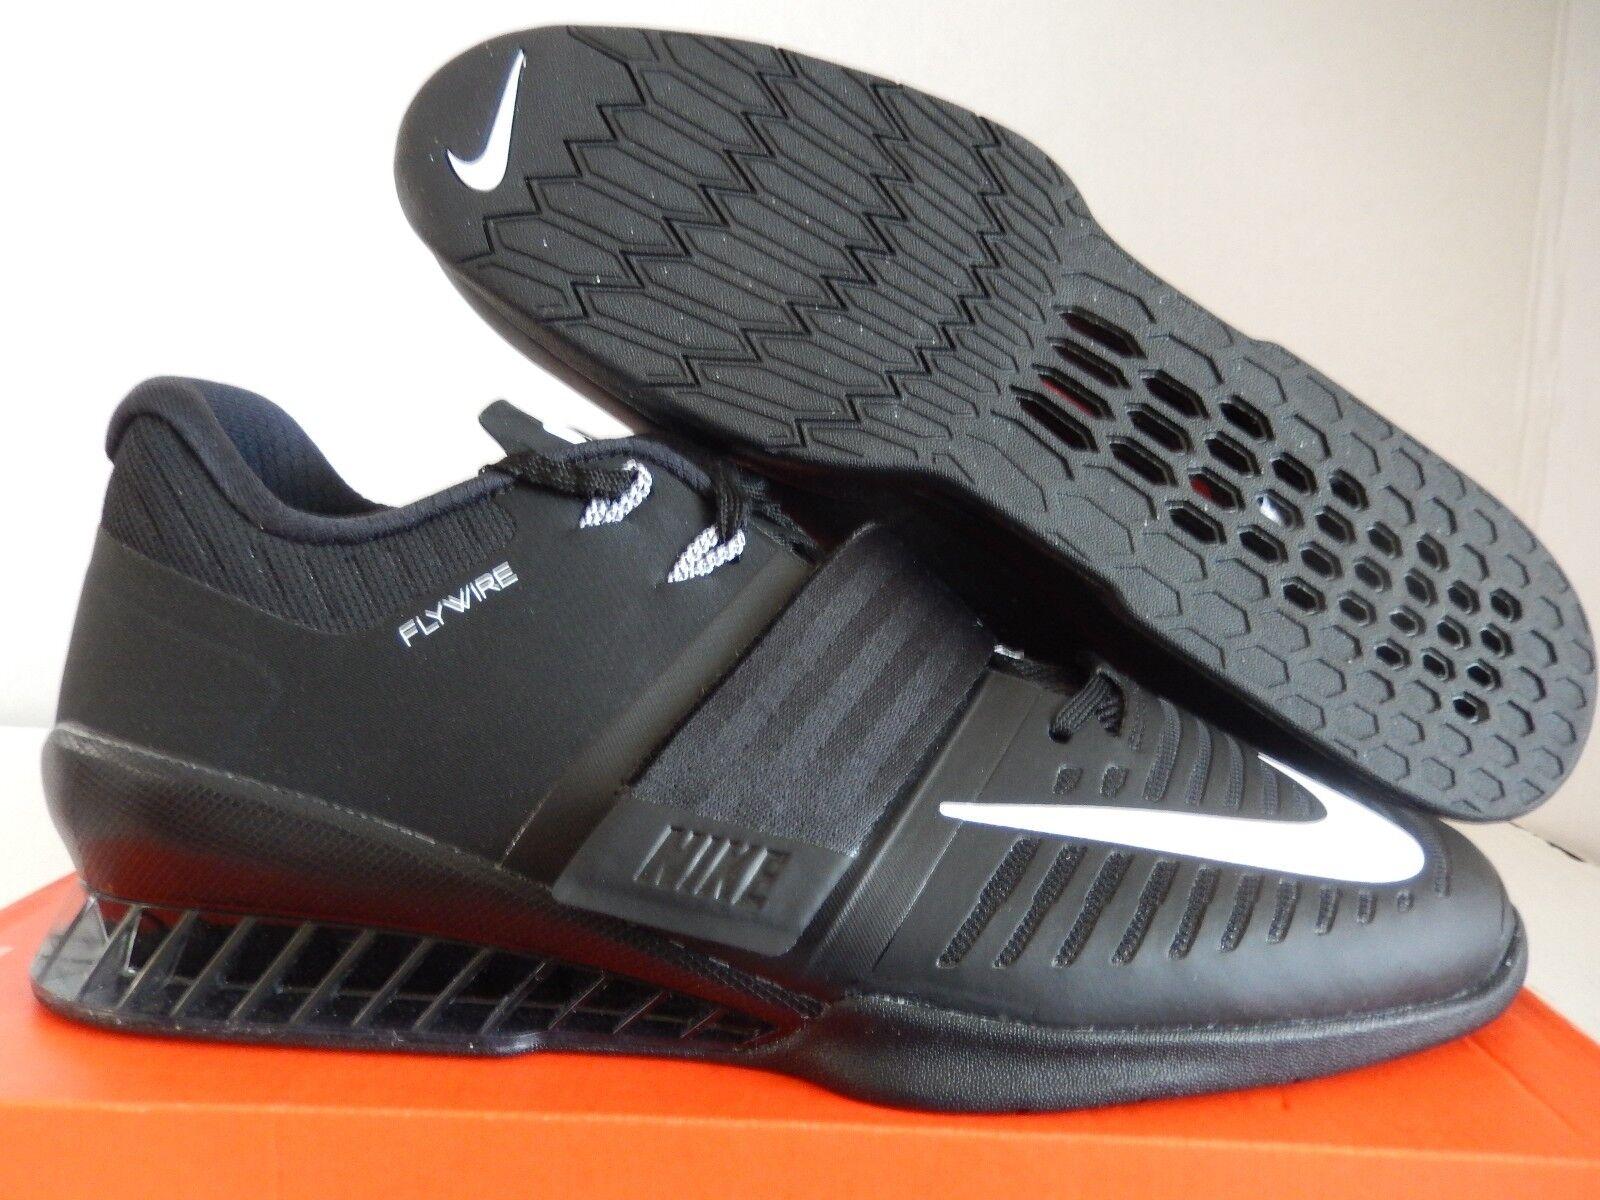 Nike romaleos 3 sollevamento pesi scarpe nero-white sz - 852933-002]